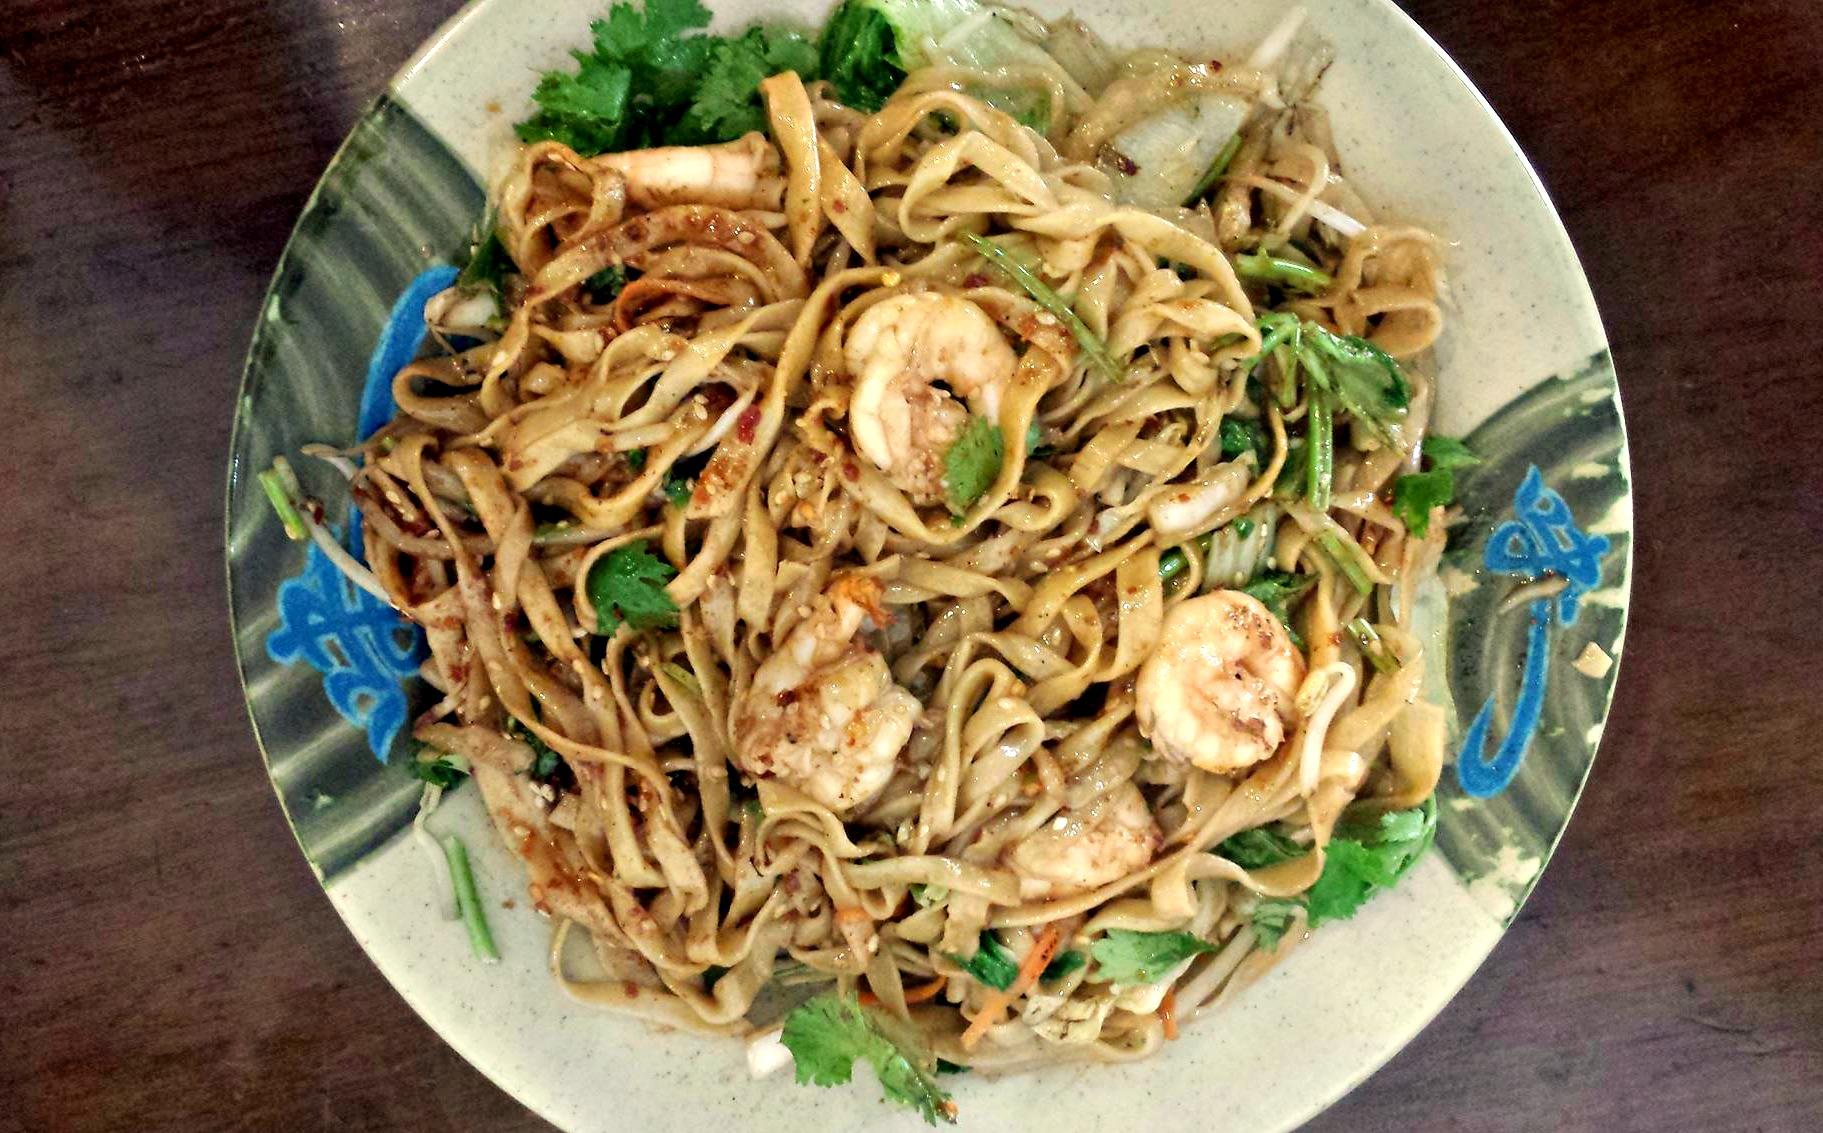 Pan Fried med Wide Noodles with Shrimp